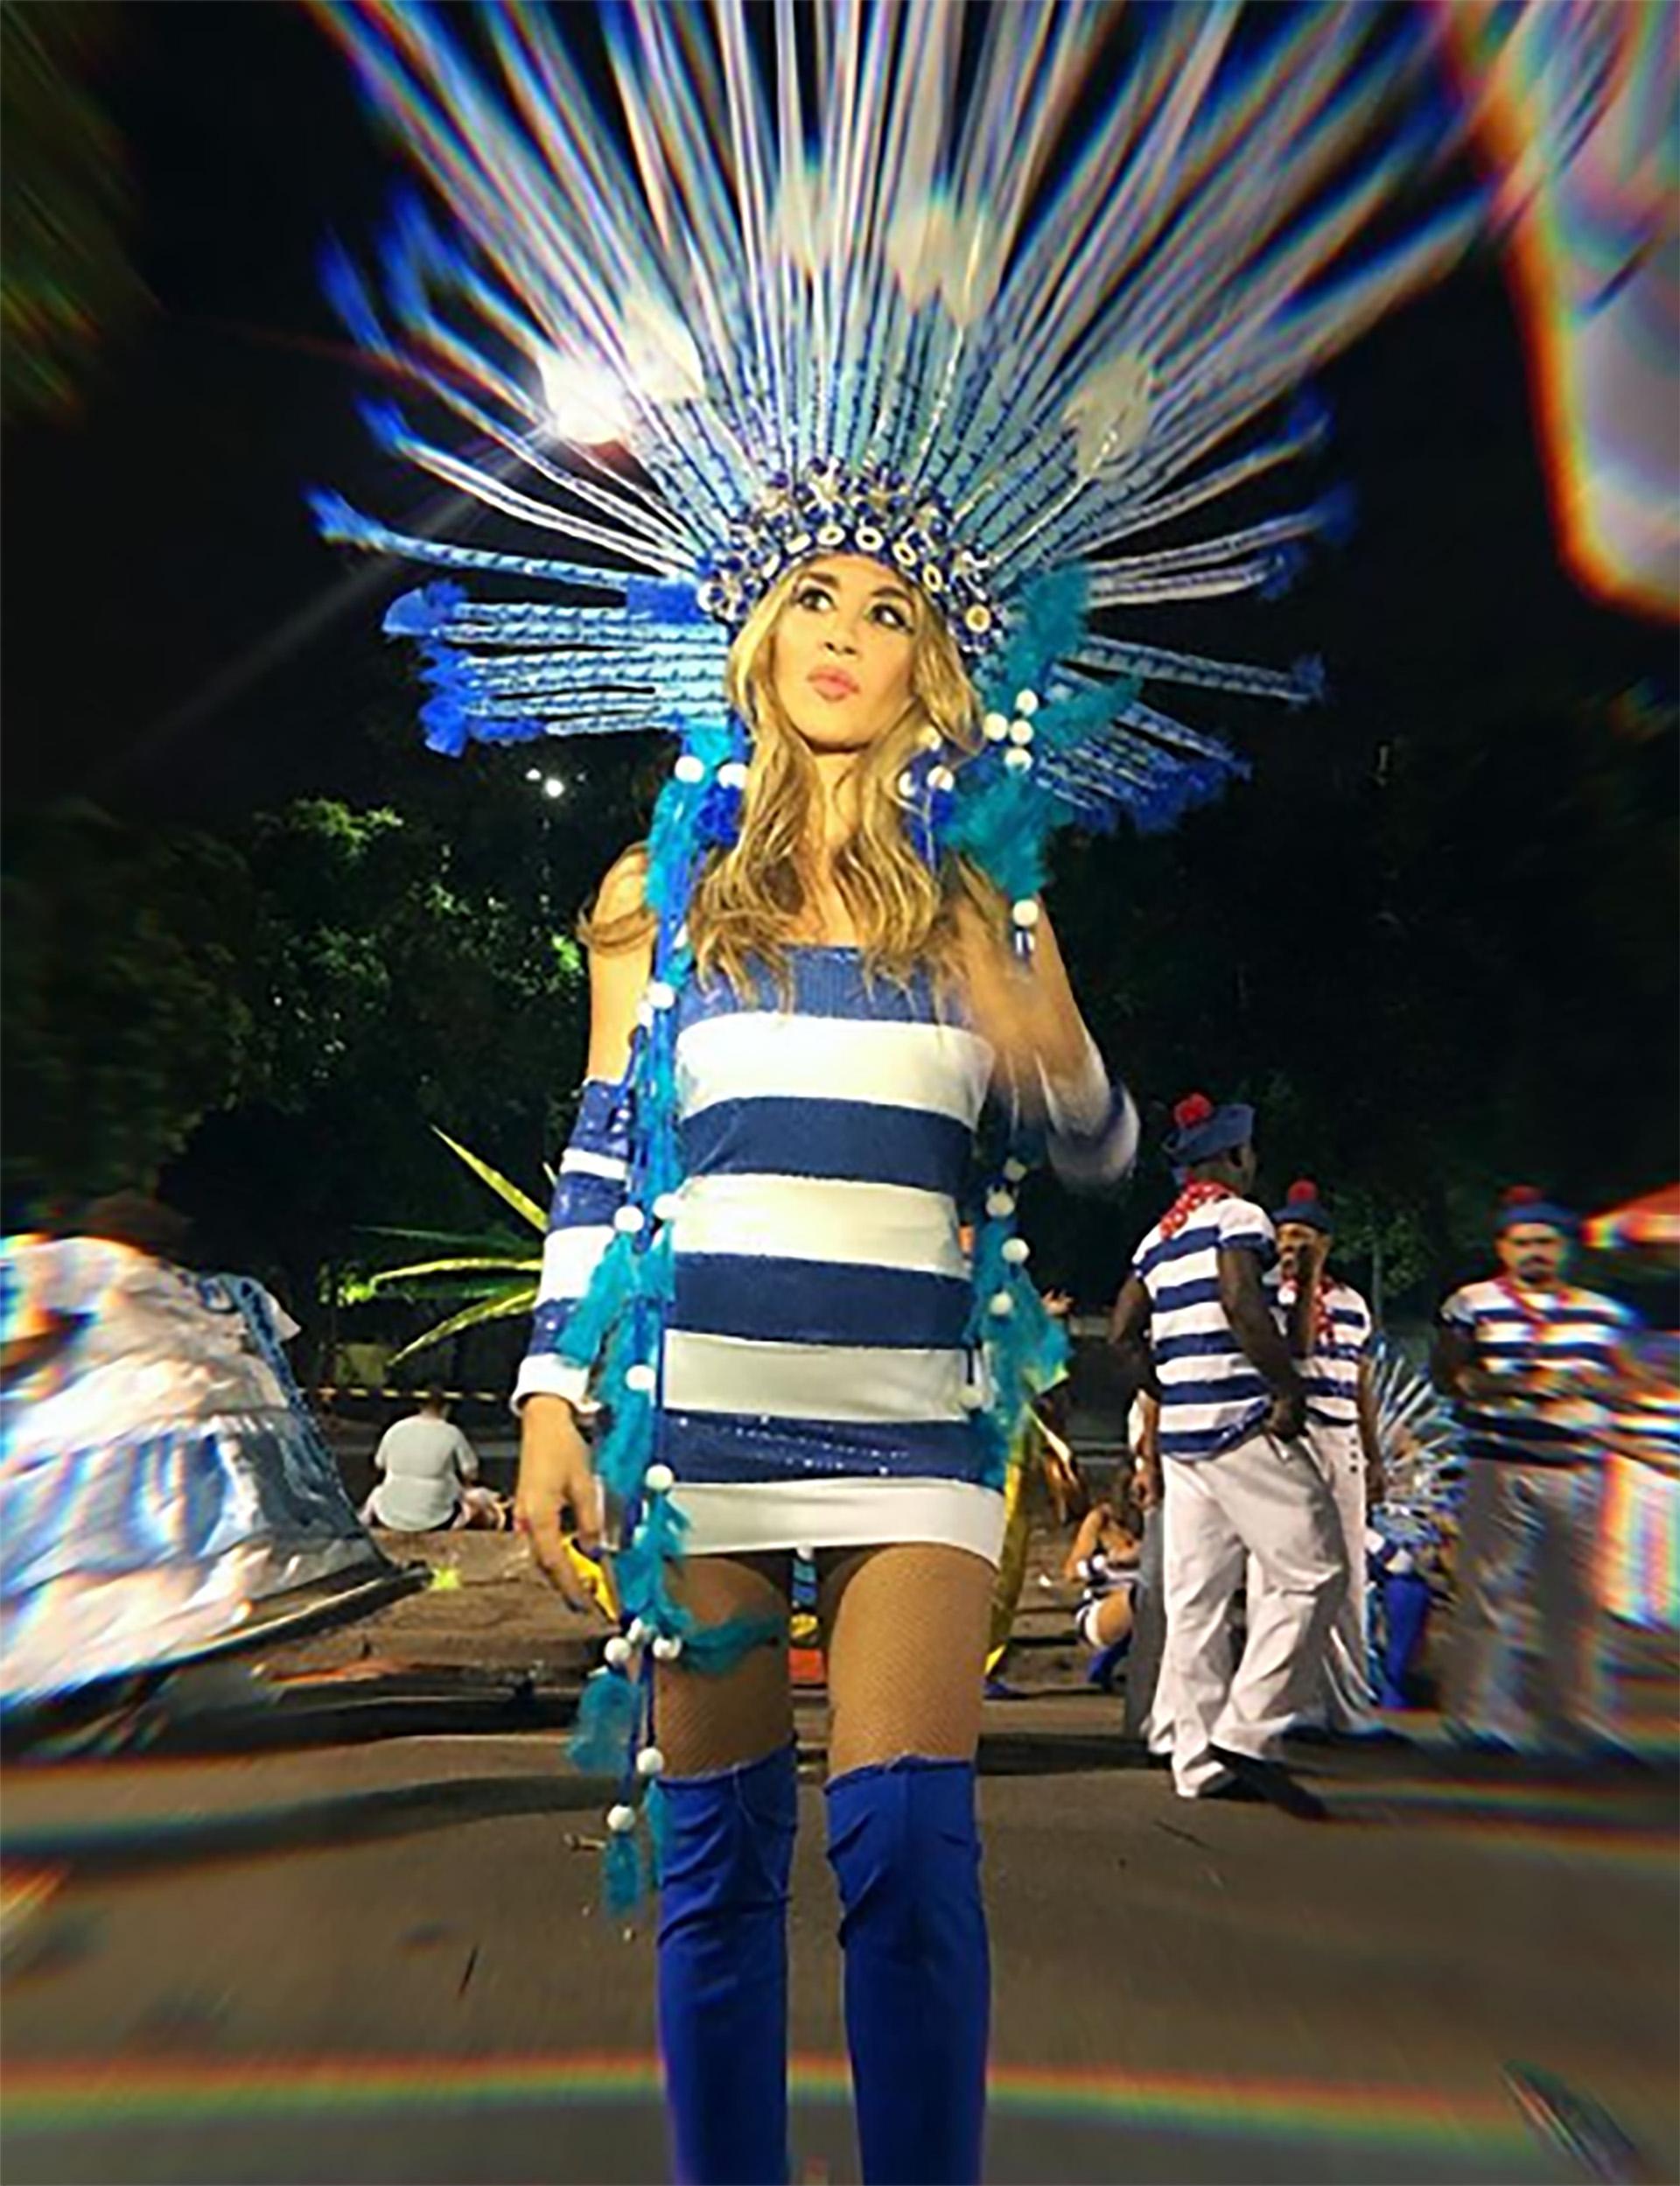 Jimena Barón fue convocada por Jean Paul Gaultier para que desfile con sus diseños en el carnaval de Río de Janeiro (Foto: Instagram)